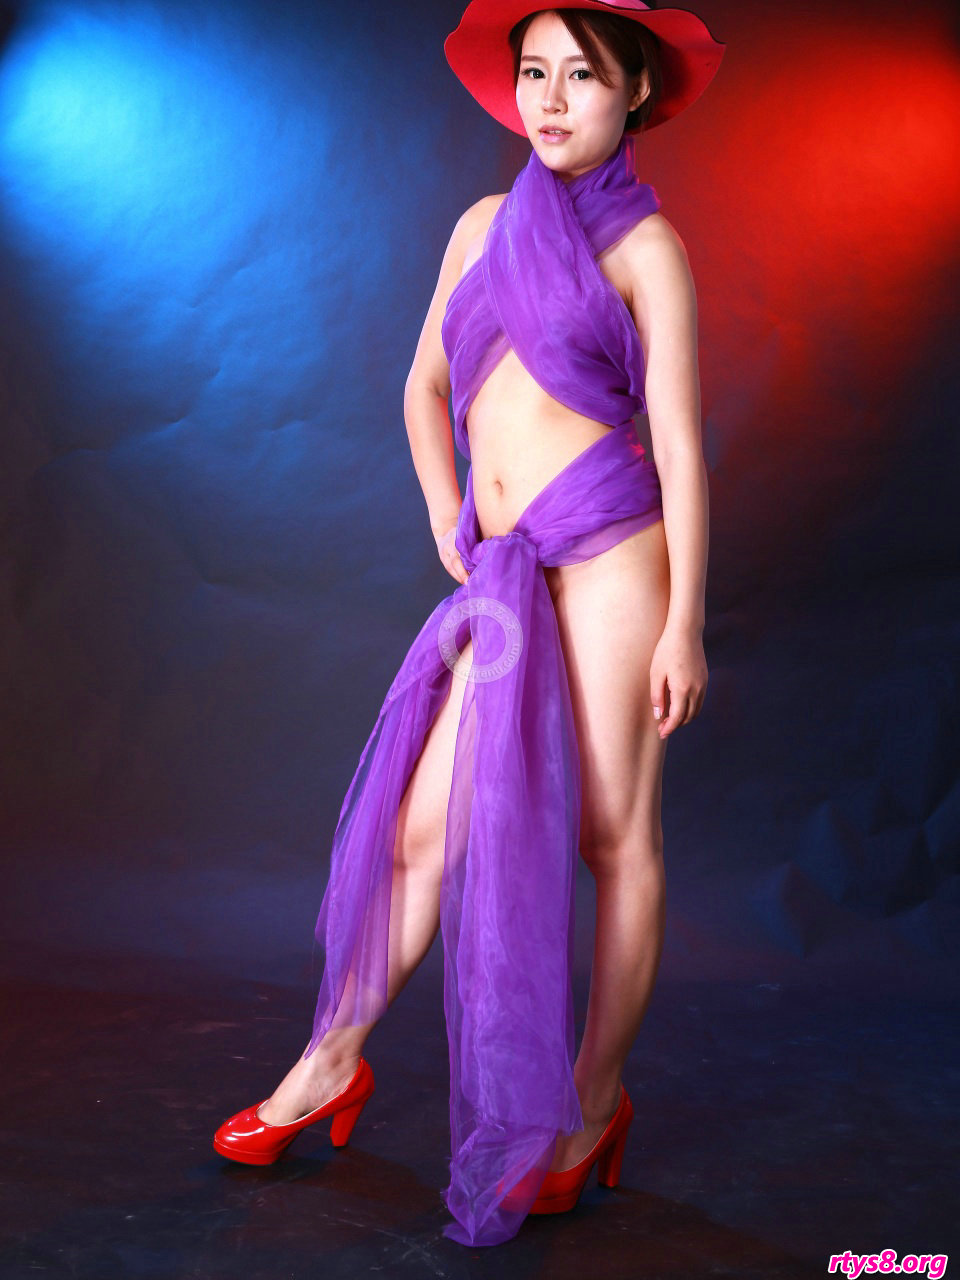 身披紫色丝巾的裸模阿熙演绎朦胧美